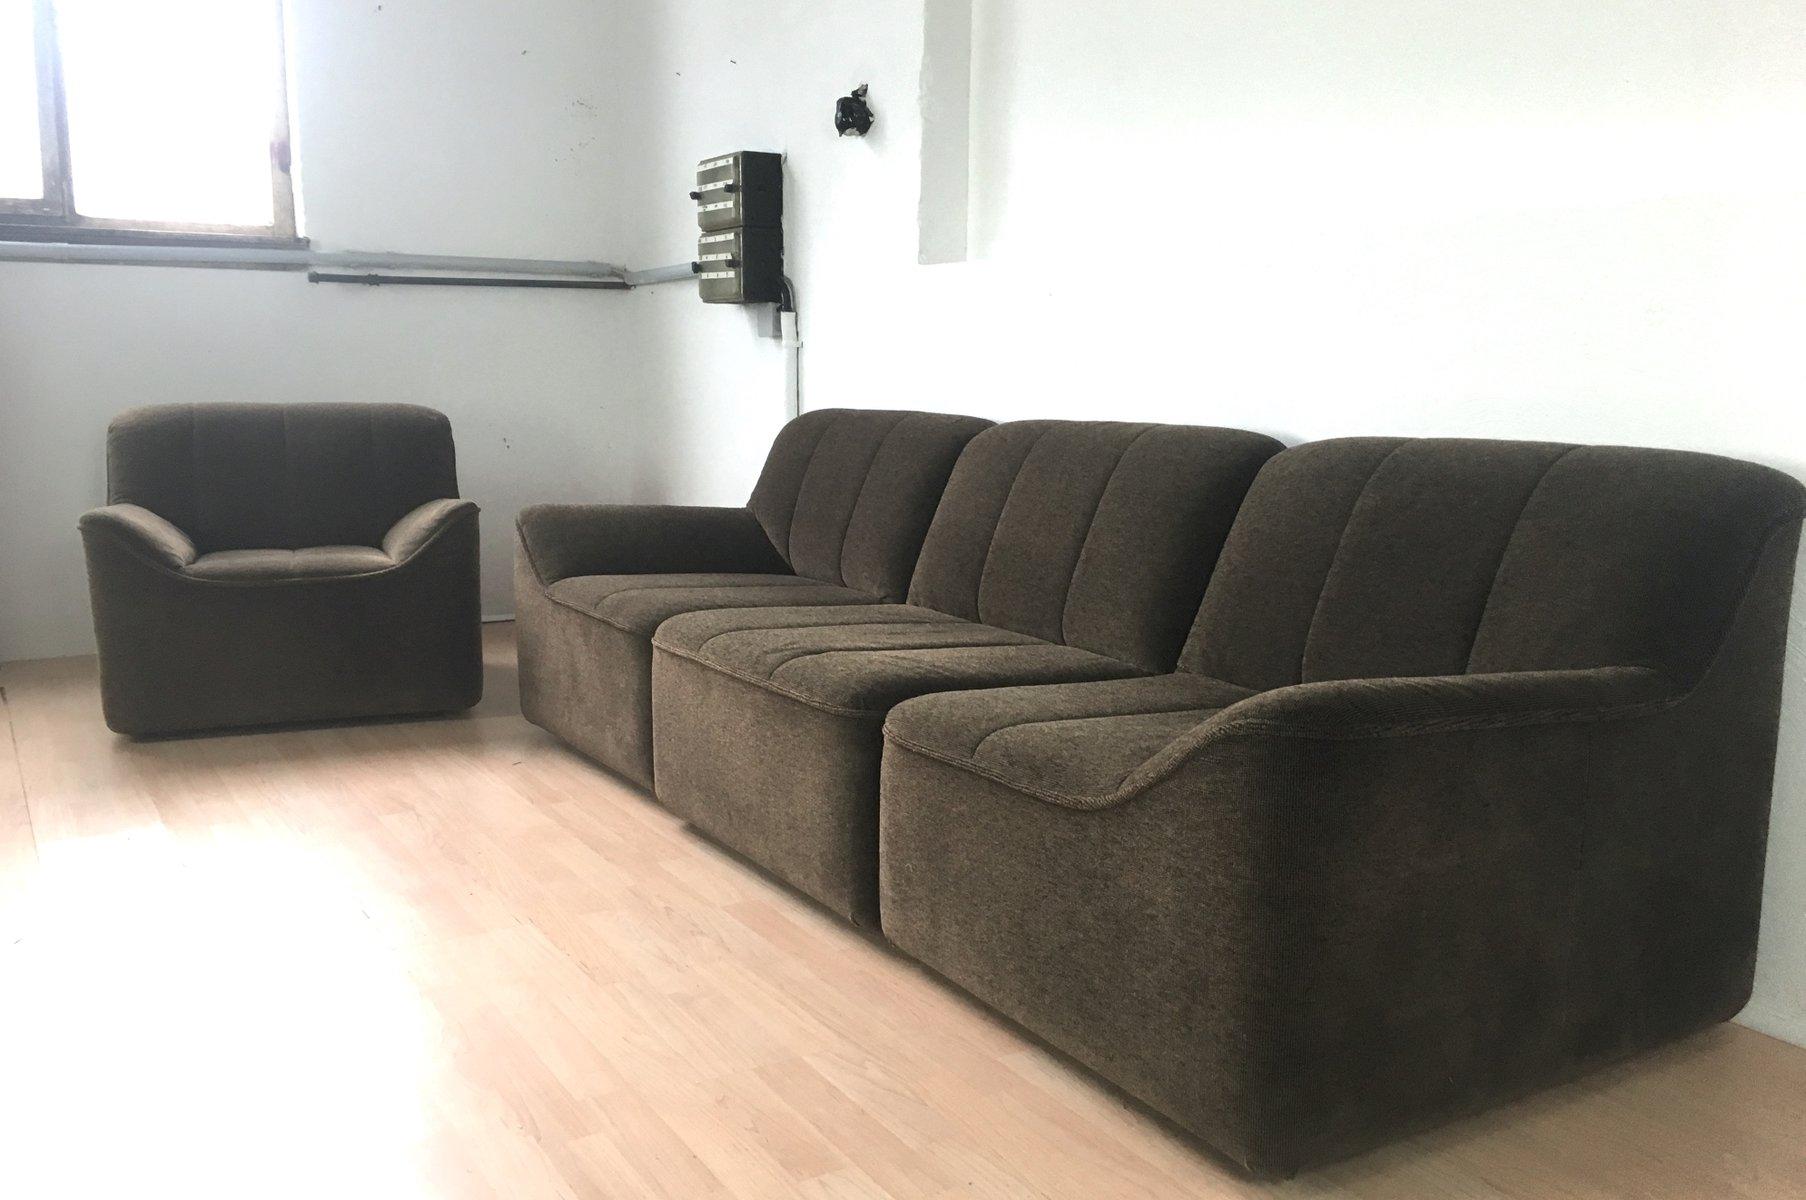 canap modulaire alpha de cor 1960s en vente sur pamono. Black Bedroom Furniture Sets. Home Design Ideas